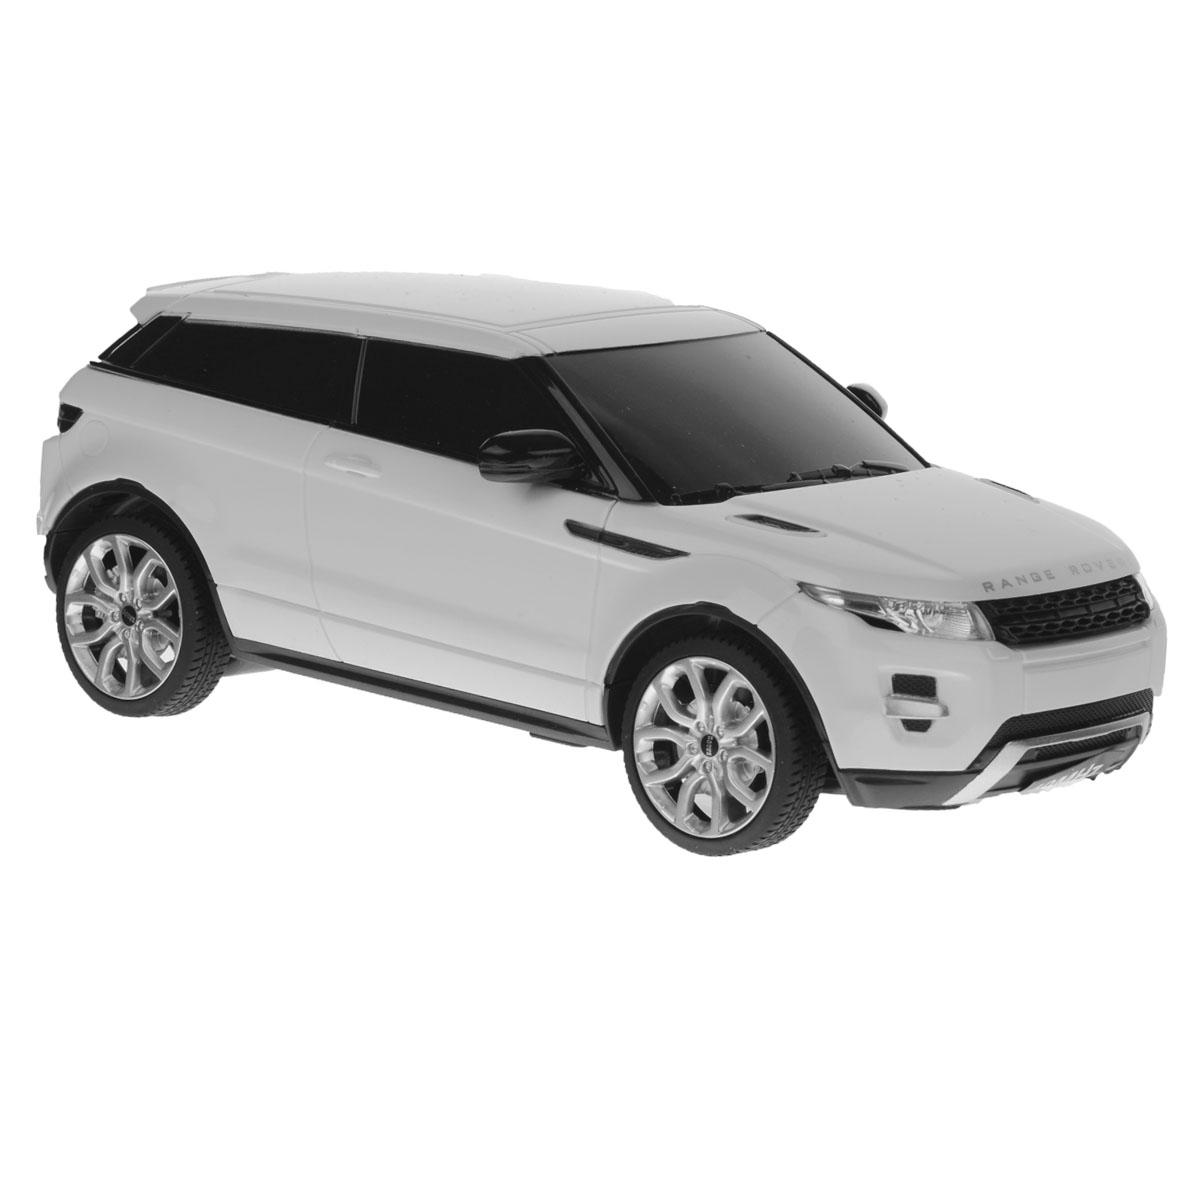 Rastar Радиоуправляемая модель Range Rover Evoque цвет белый масштаб 1:24